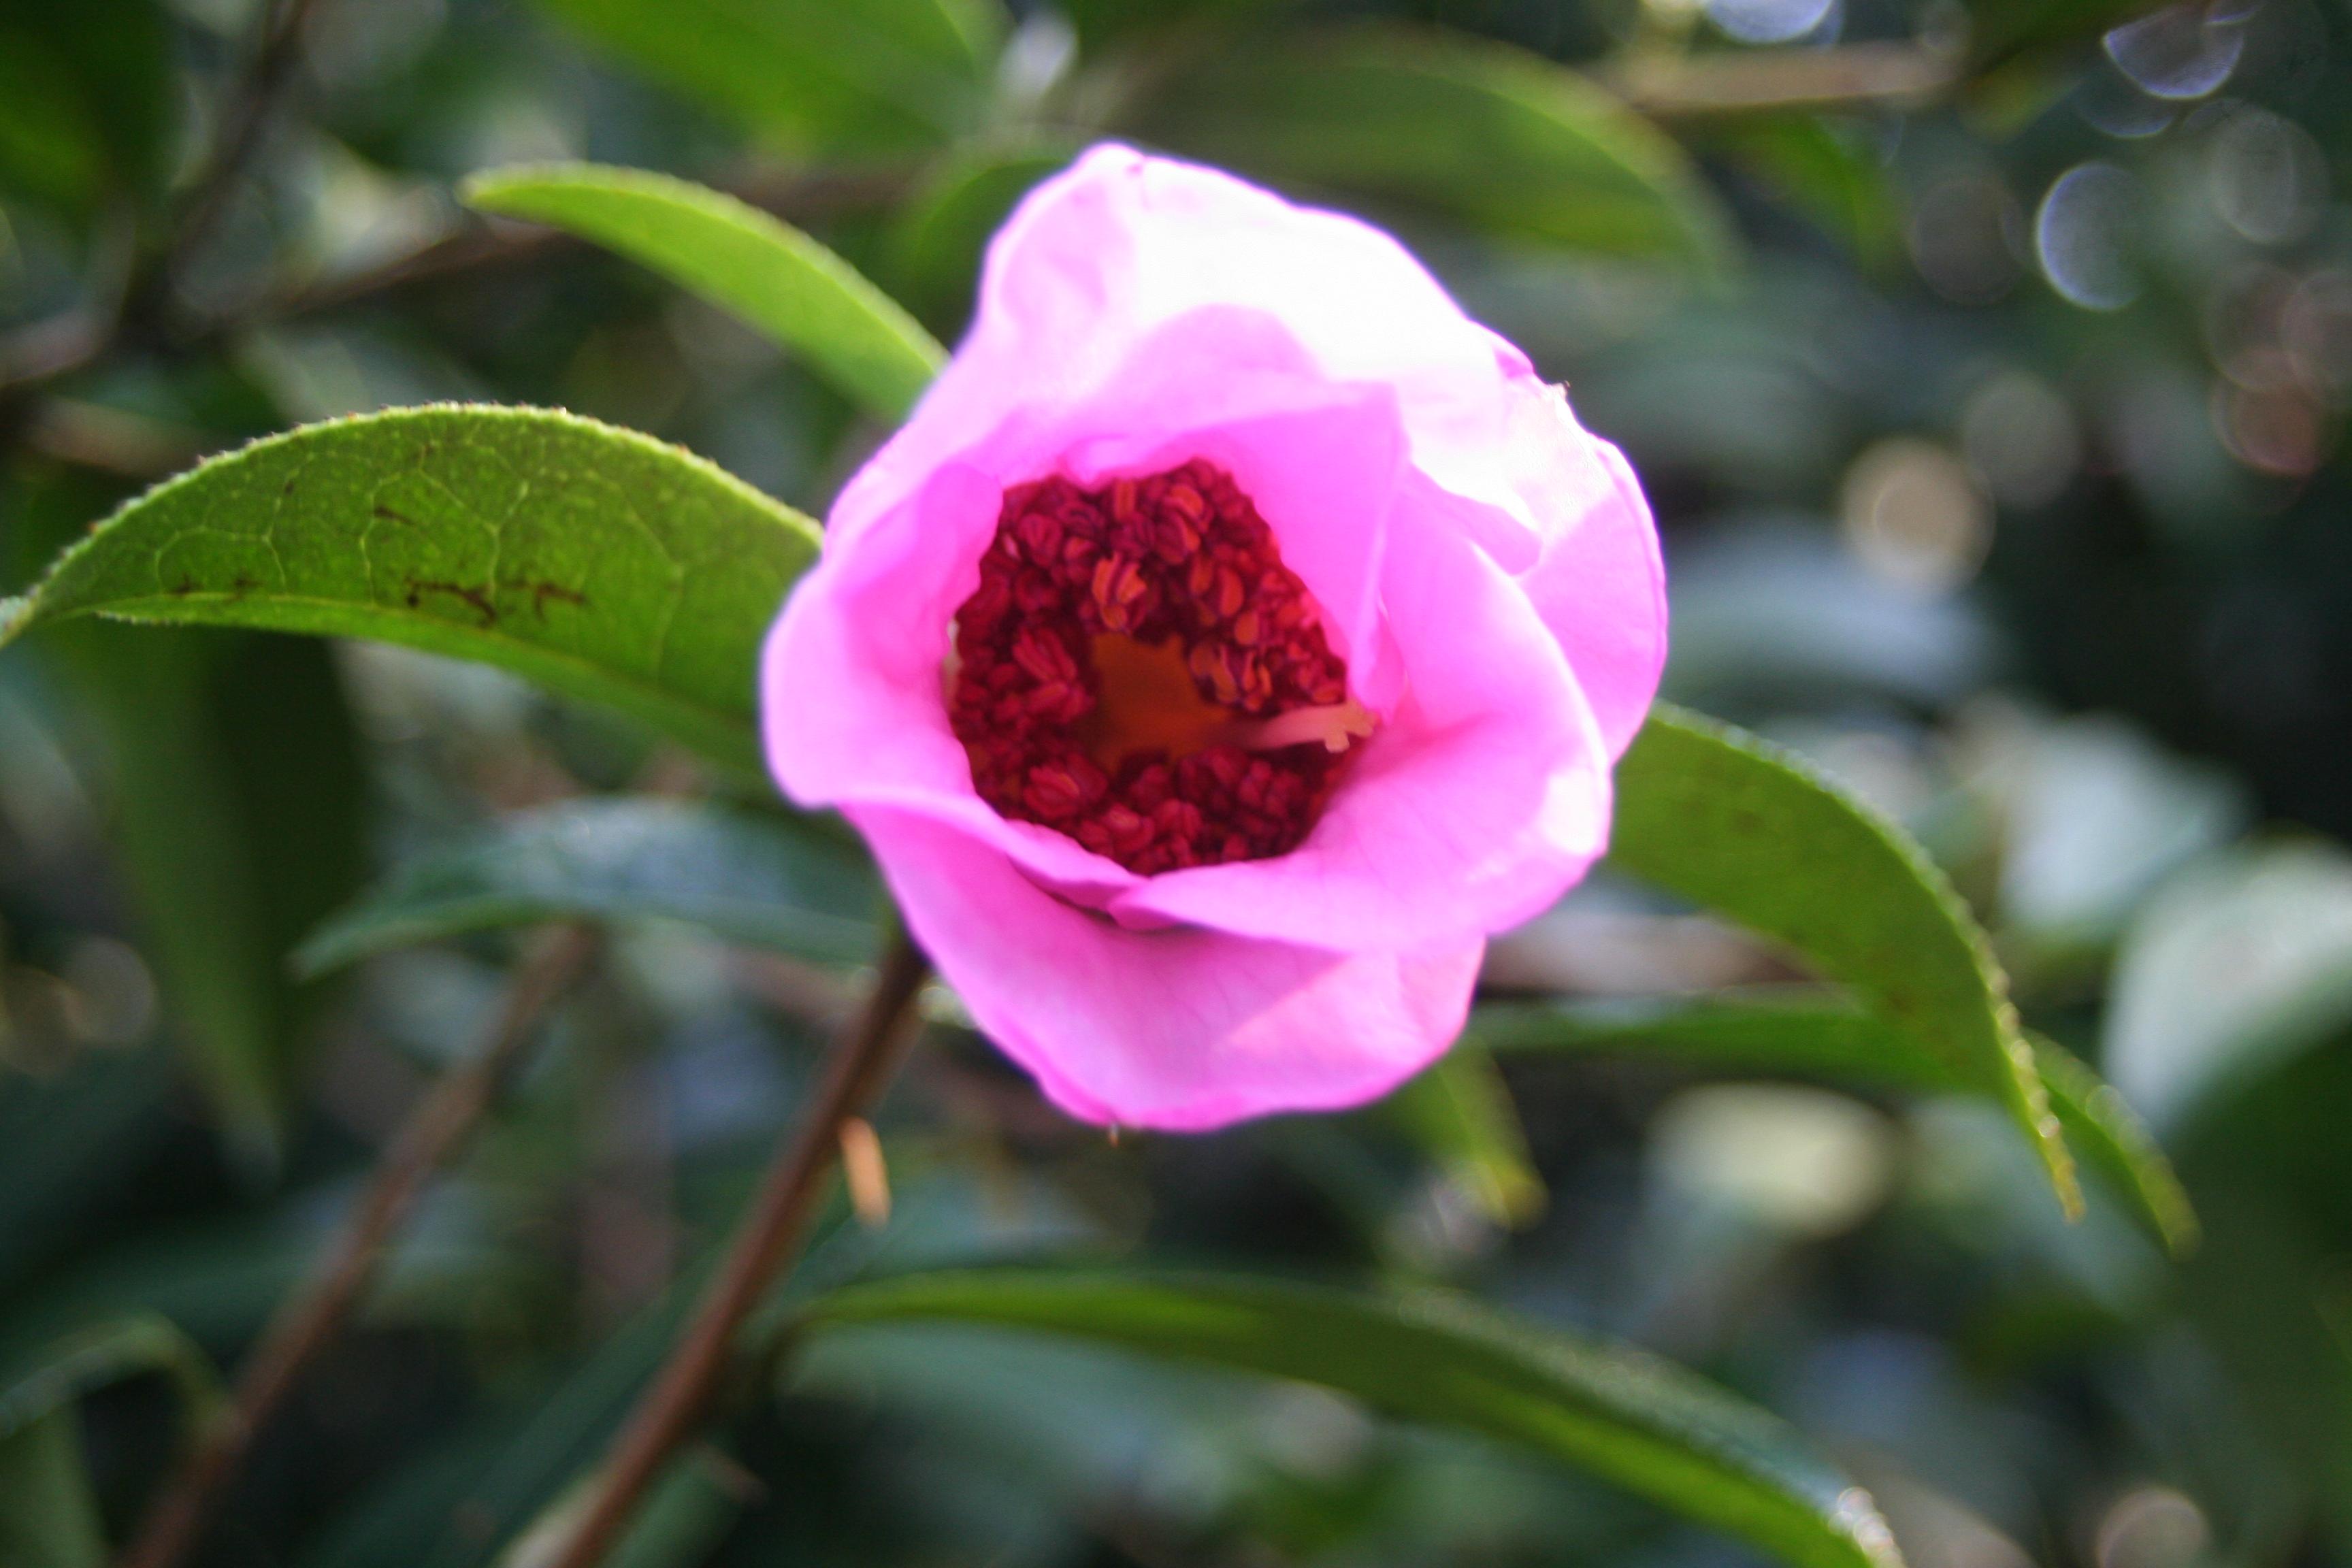 Camellia saluenensis 'Rafe' Feb 2018 (8)